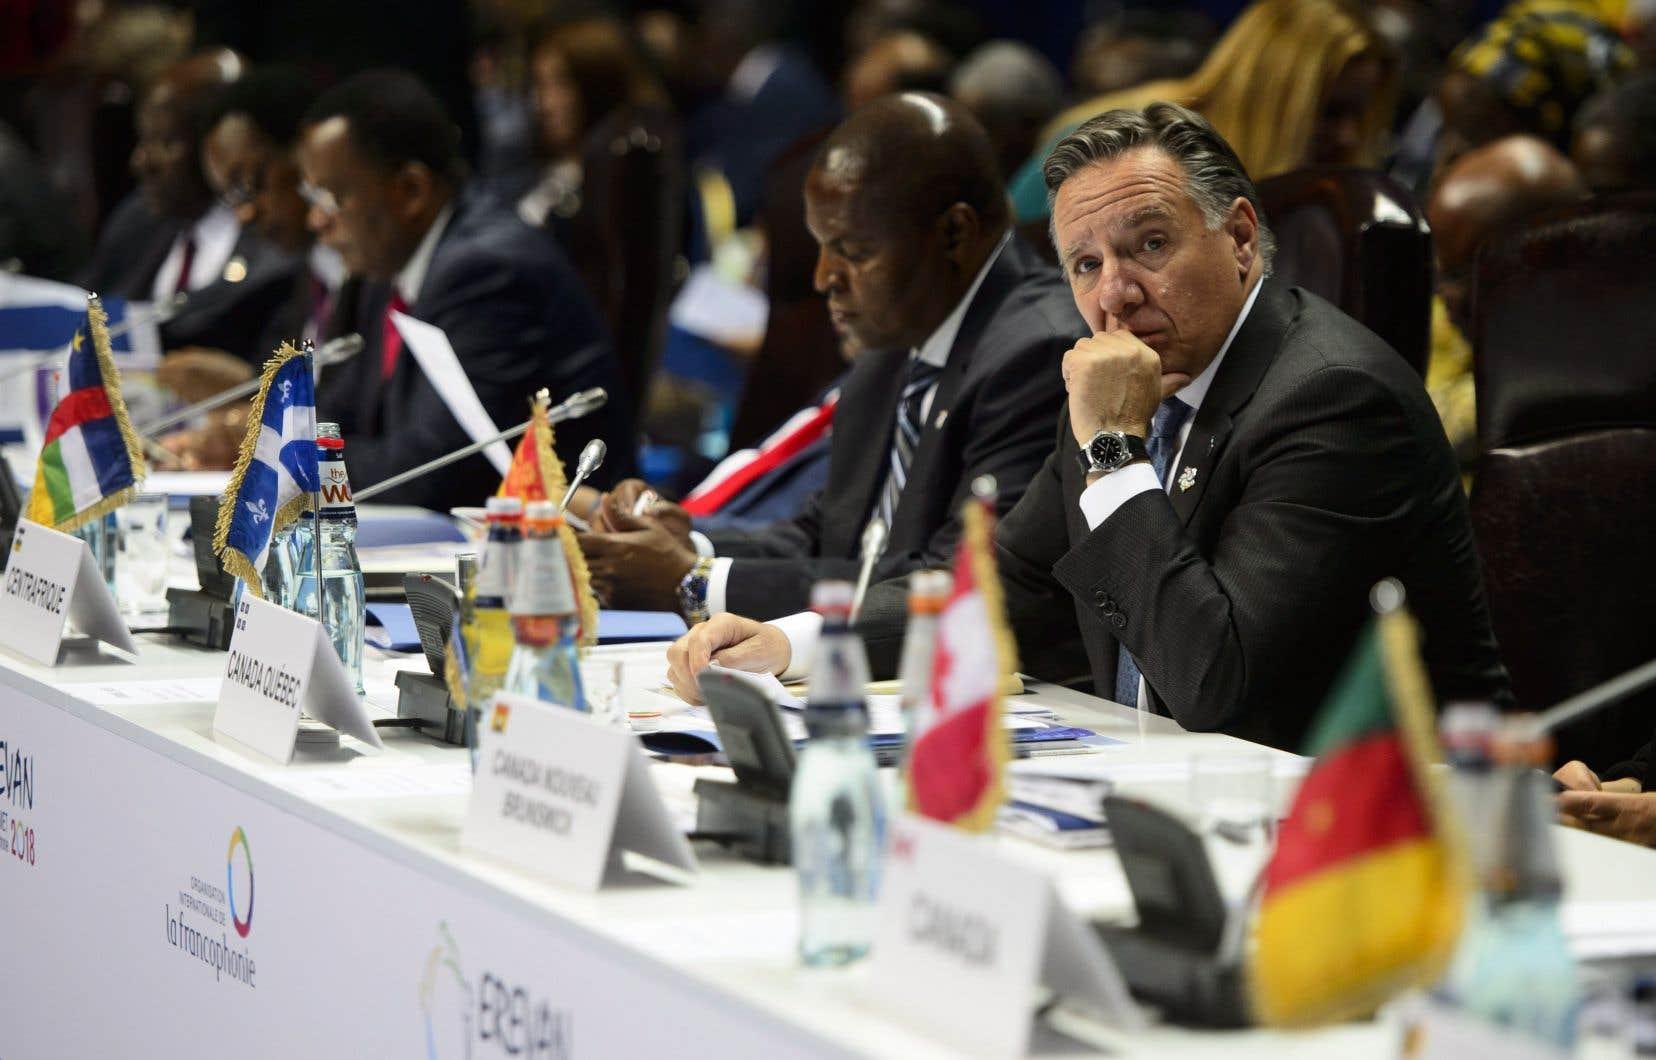 <p>Le chef caquiste effectuait ses premiers pas sur la scène internationale en participant au sommet d'Erevan.</p>